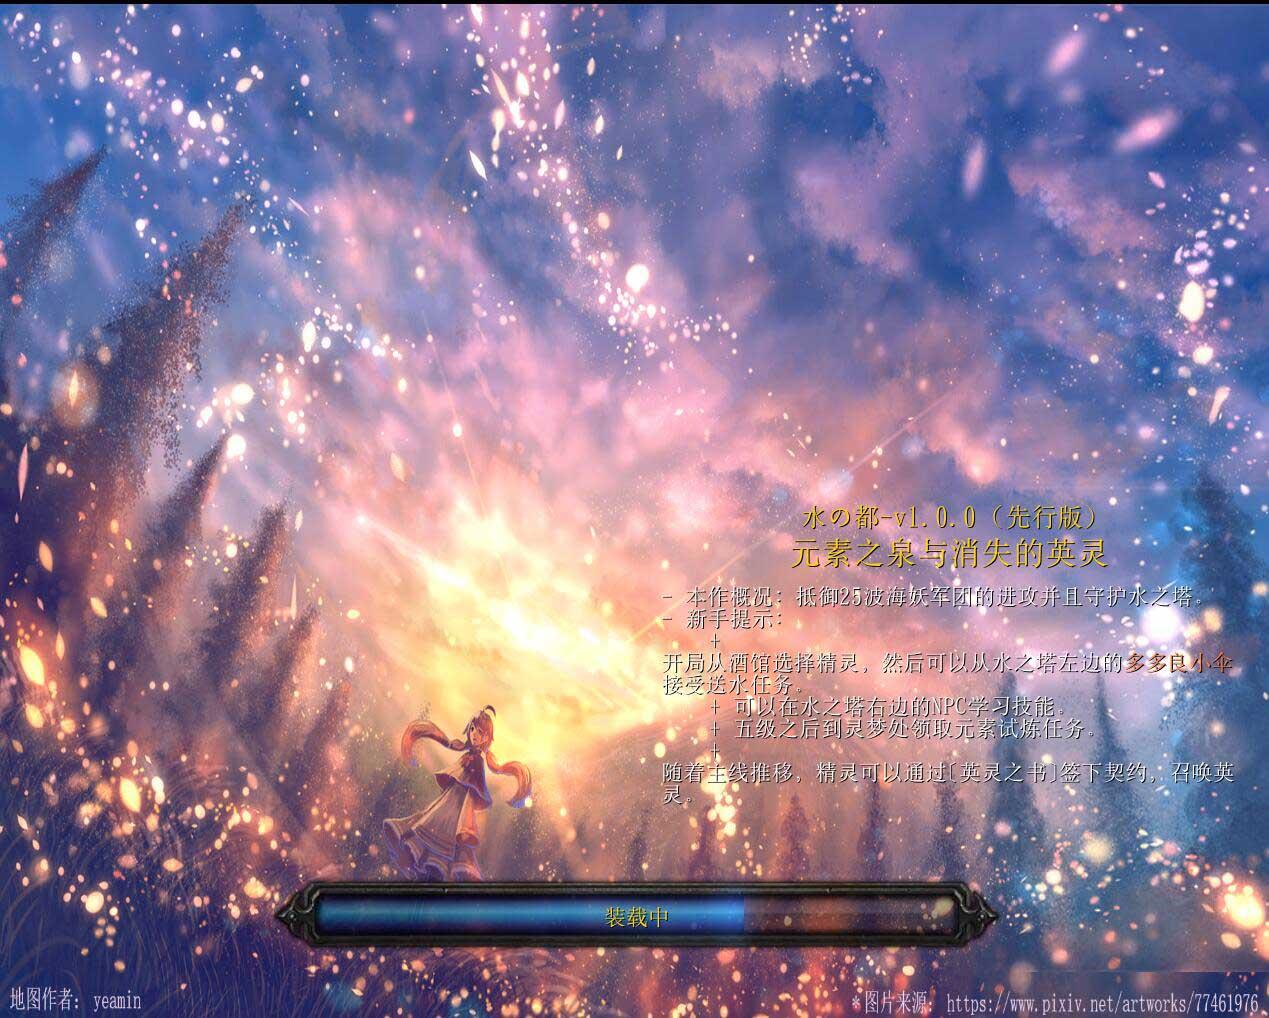 《水之都:元素之泉与消失的英灵》v1.0先行版[war3地图]